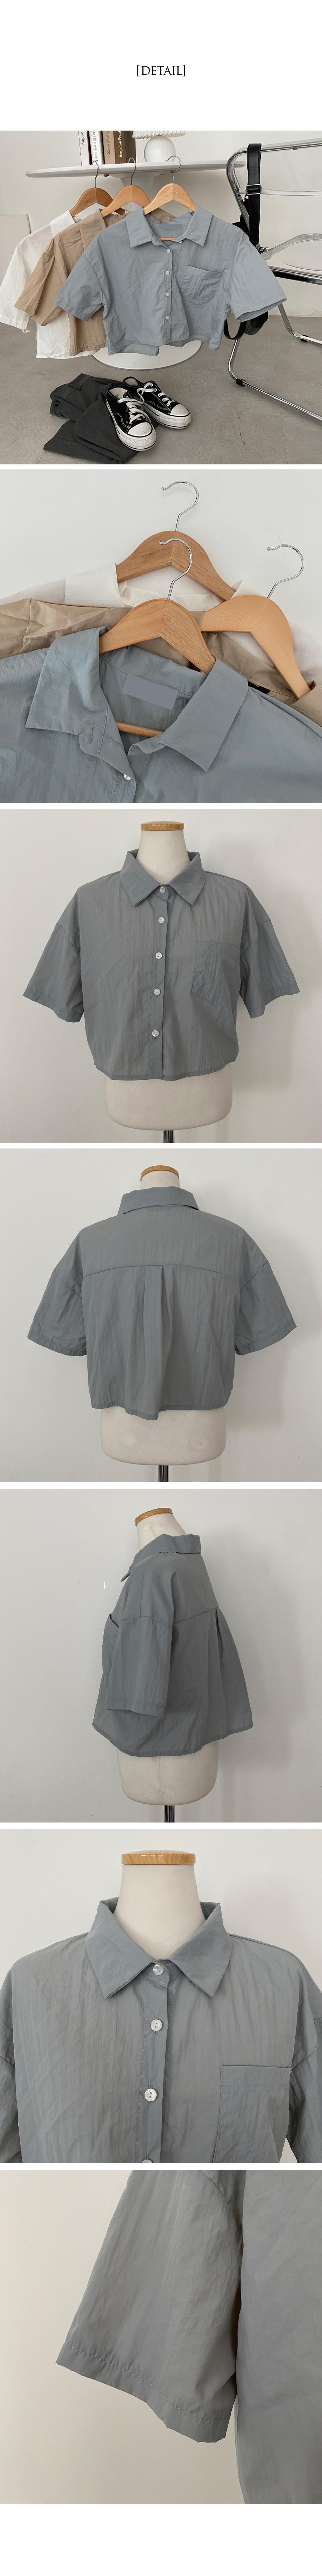 Beat Basrock Cooling Crop Shirt Shirt